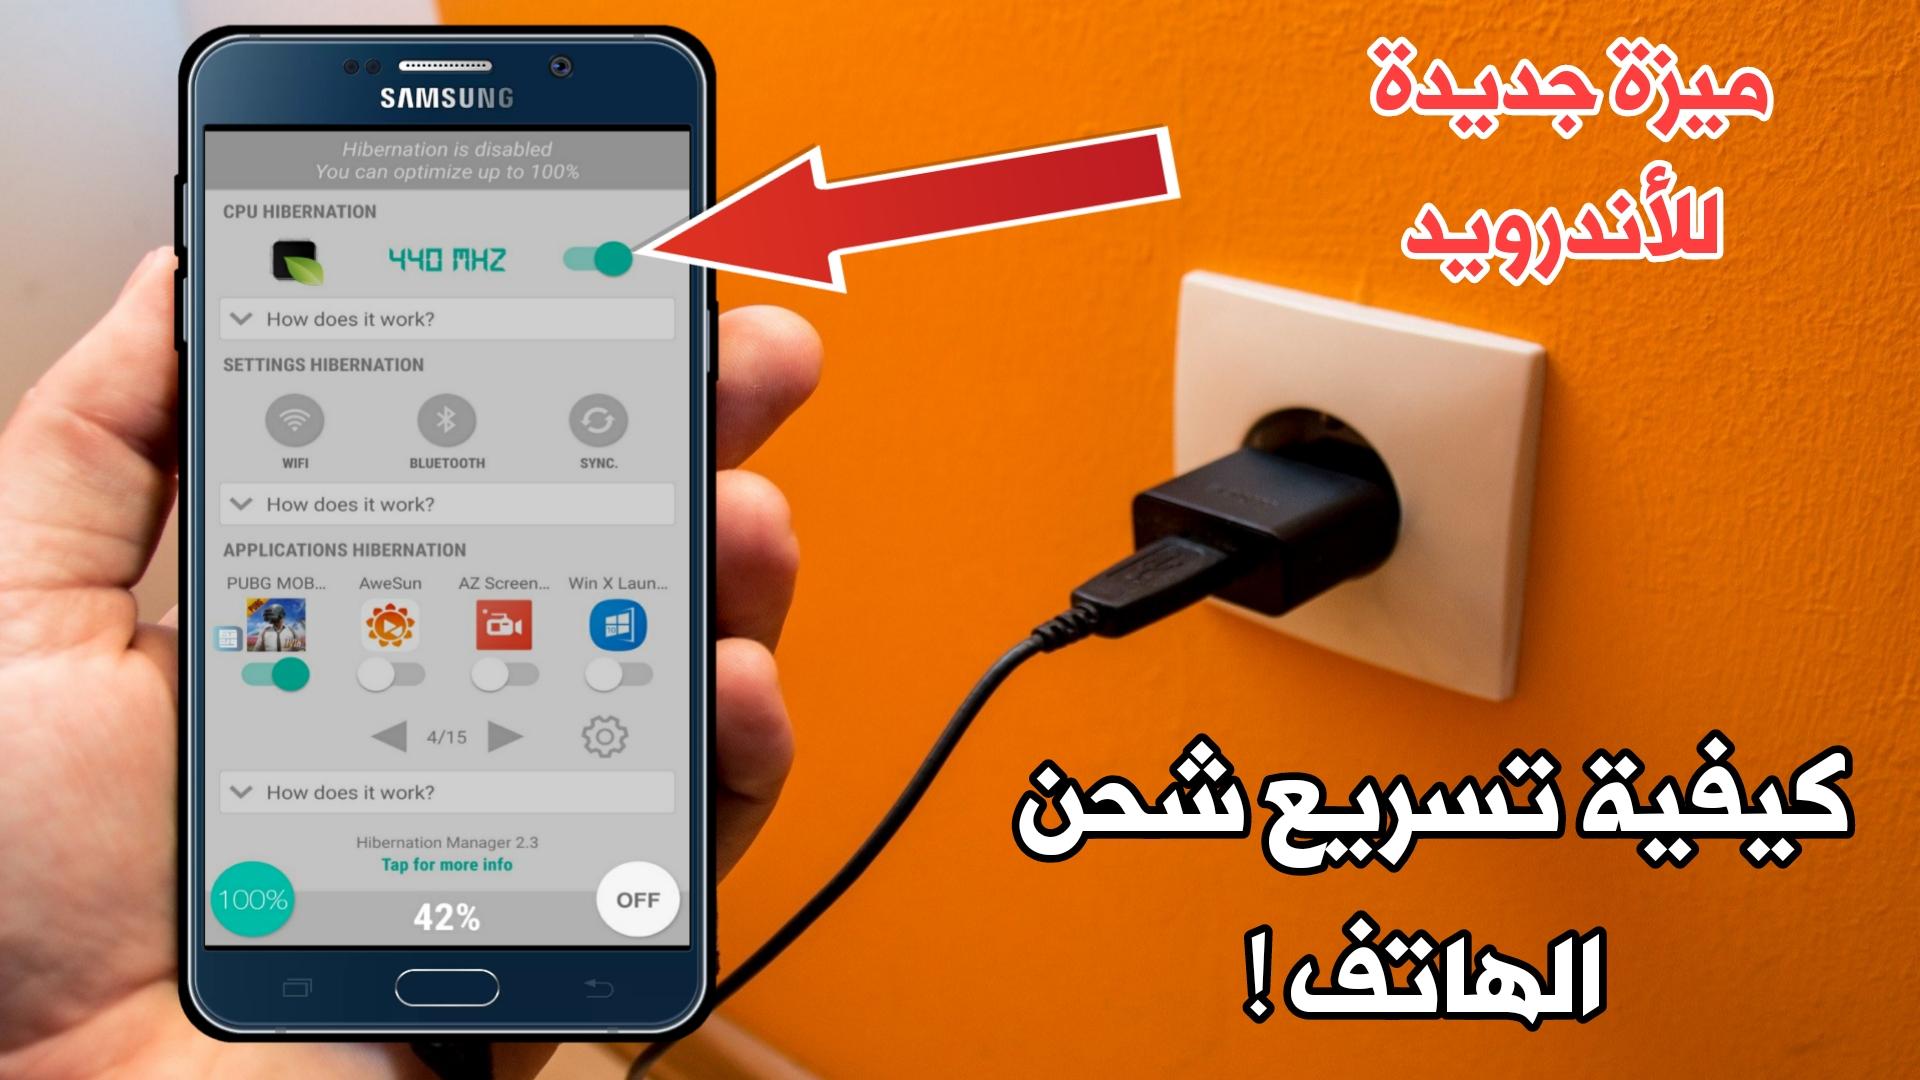 كيفية تسريع شحن الهاتف الى نسبة 100% في وقت قصير ! ميزة لم تكن تعلم بوجودها في هاتفك!